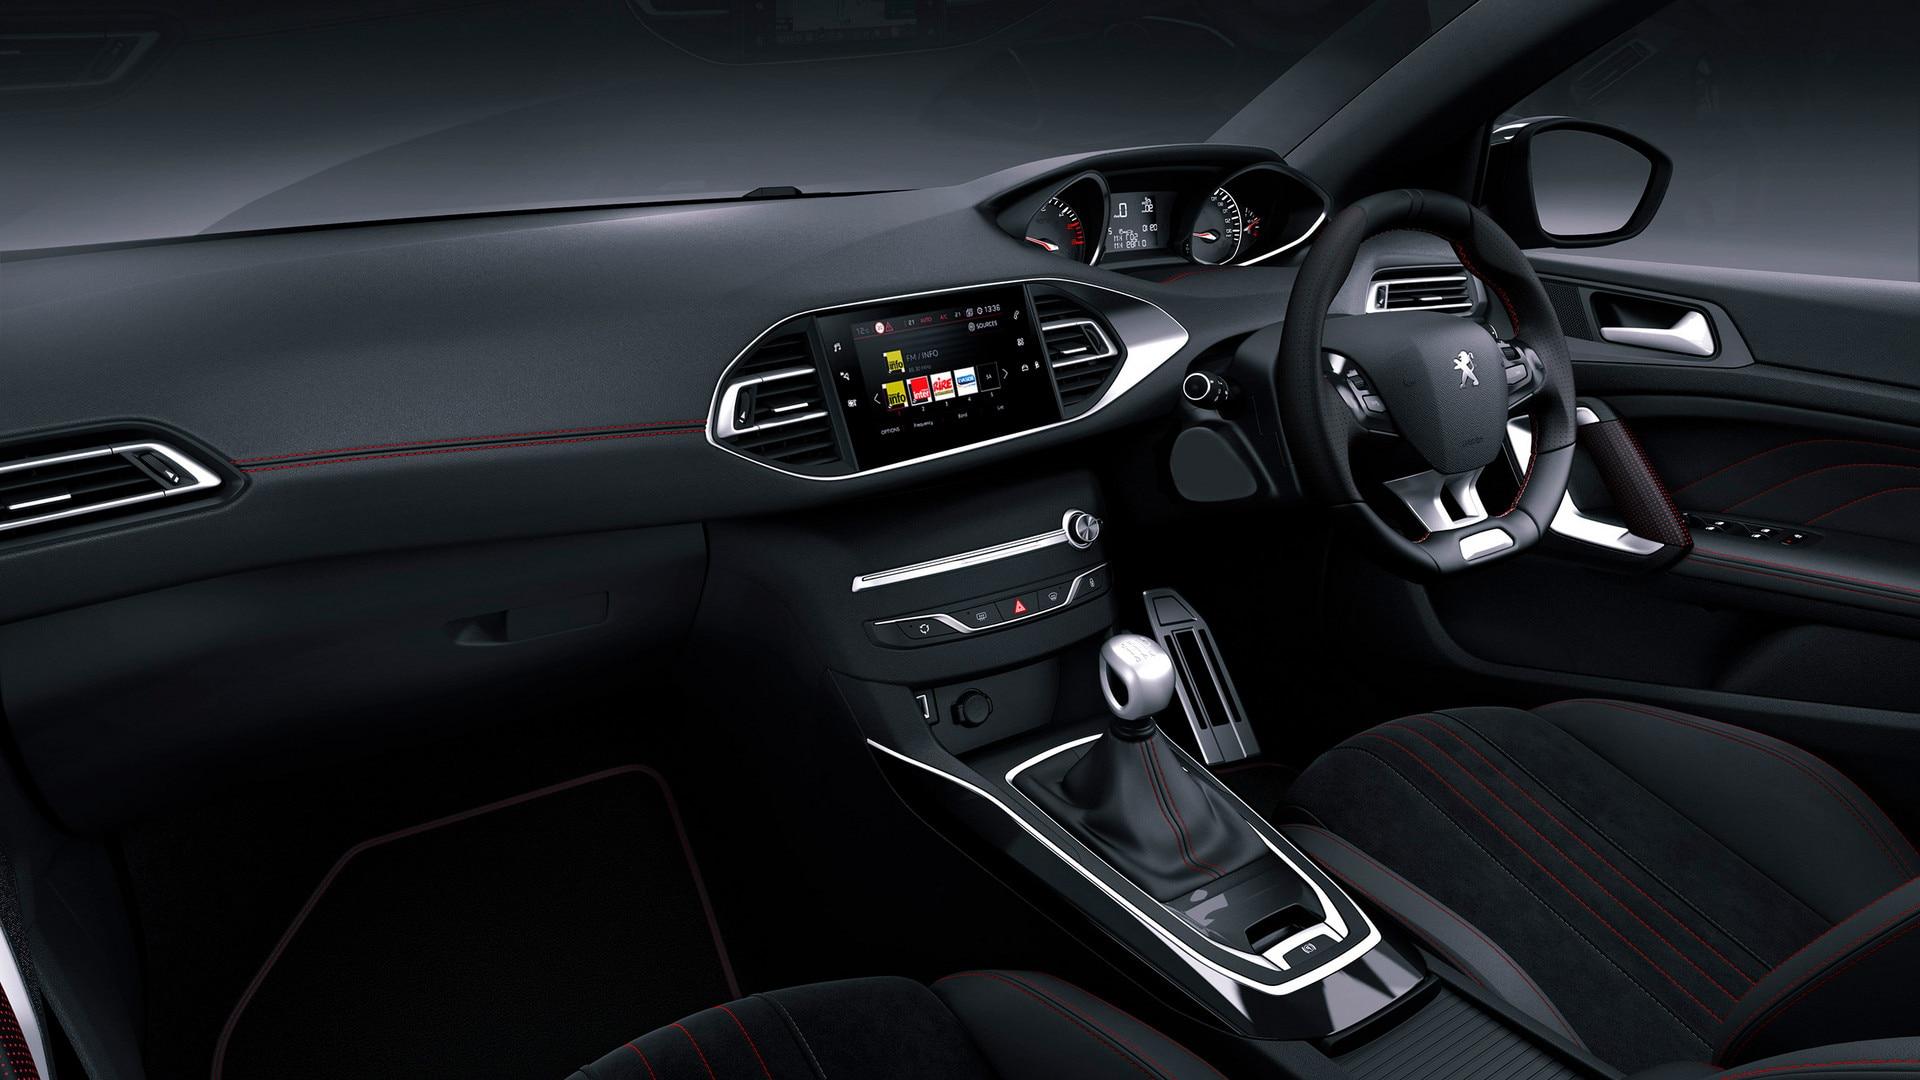 Peugeot 308 5-door Hatchback | Peugeot UK